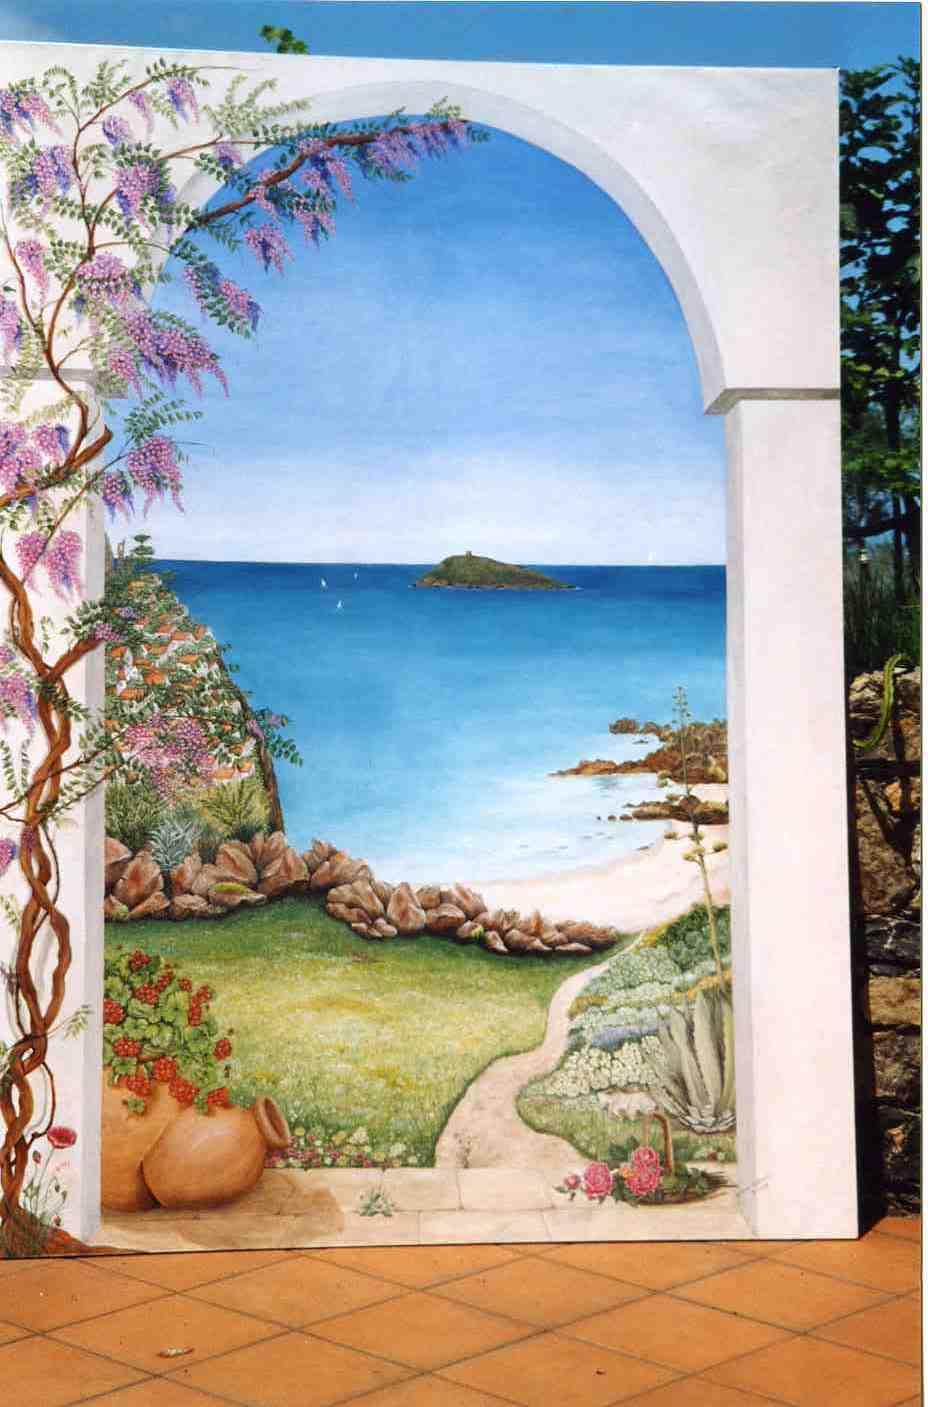 Decorazione di interni - trompe l'oeil - L'isola di Cirella e il confronto fra dipinto e realtà